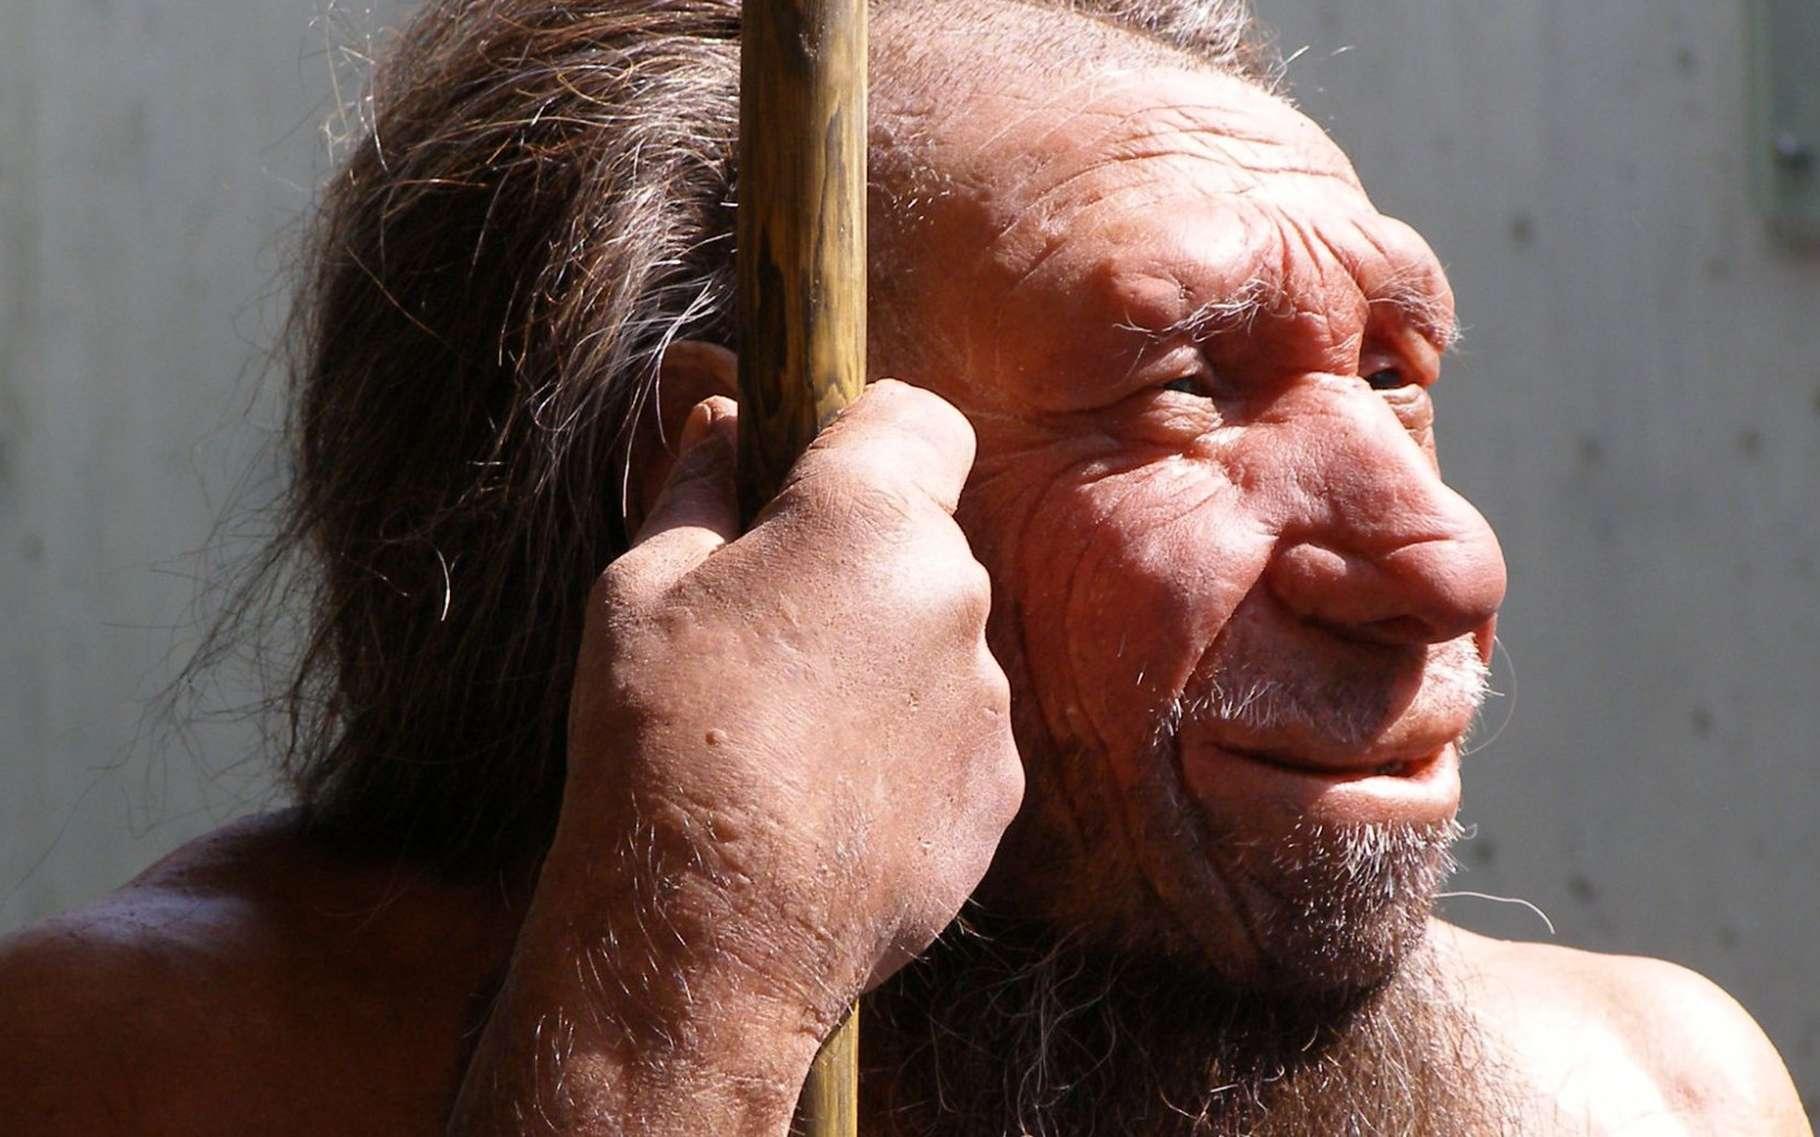 Une nouvelle espèce humaine a peut-être été découverte. Il pourrait s'agir d'un cousin plus éloigné que Néandertal. Ici une reconstitution de Néandertal. © Erich Ferdinand, Flickr, CC by 2.0